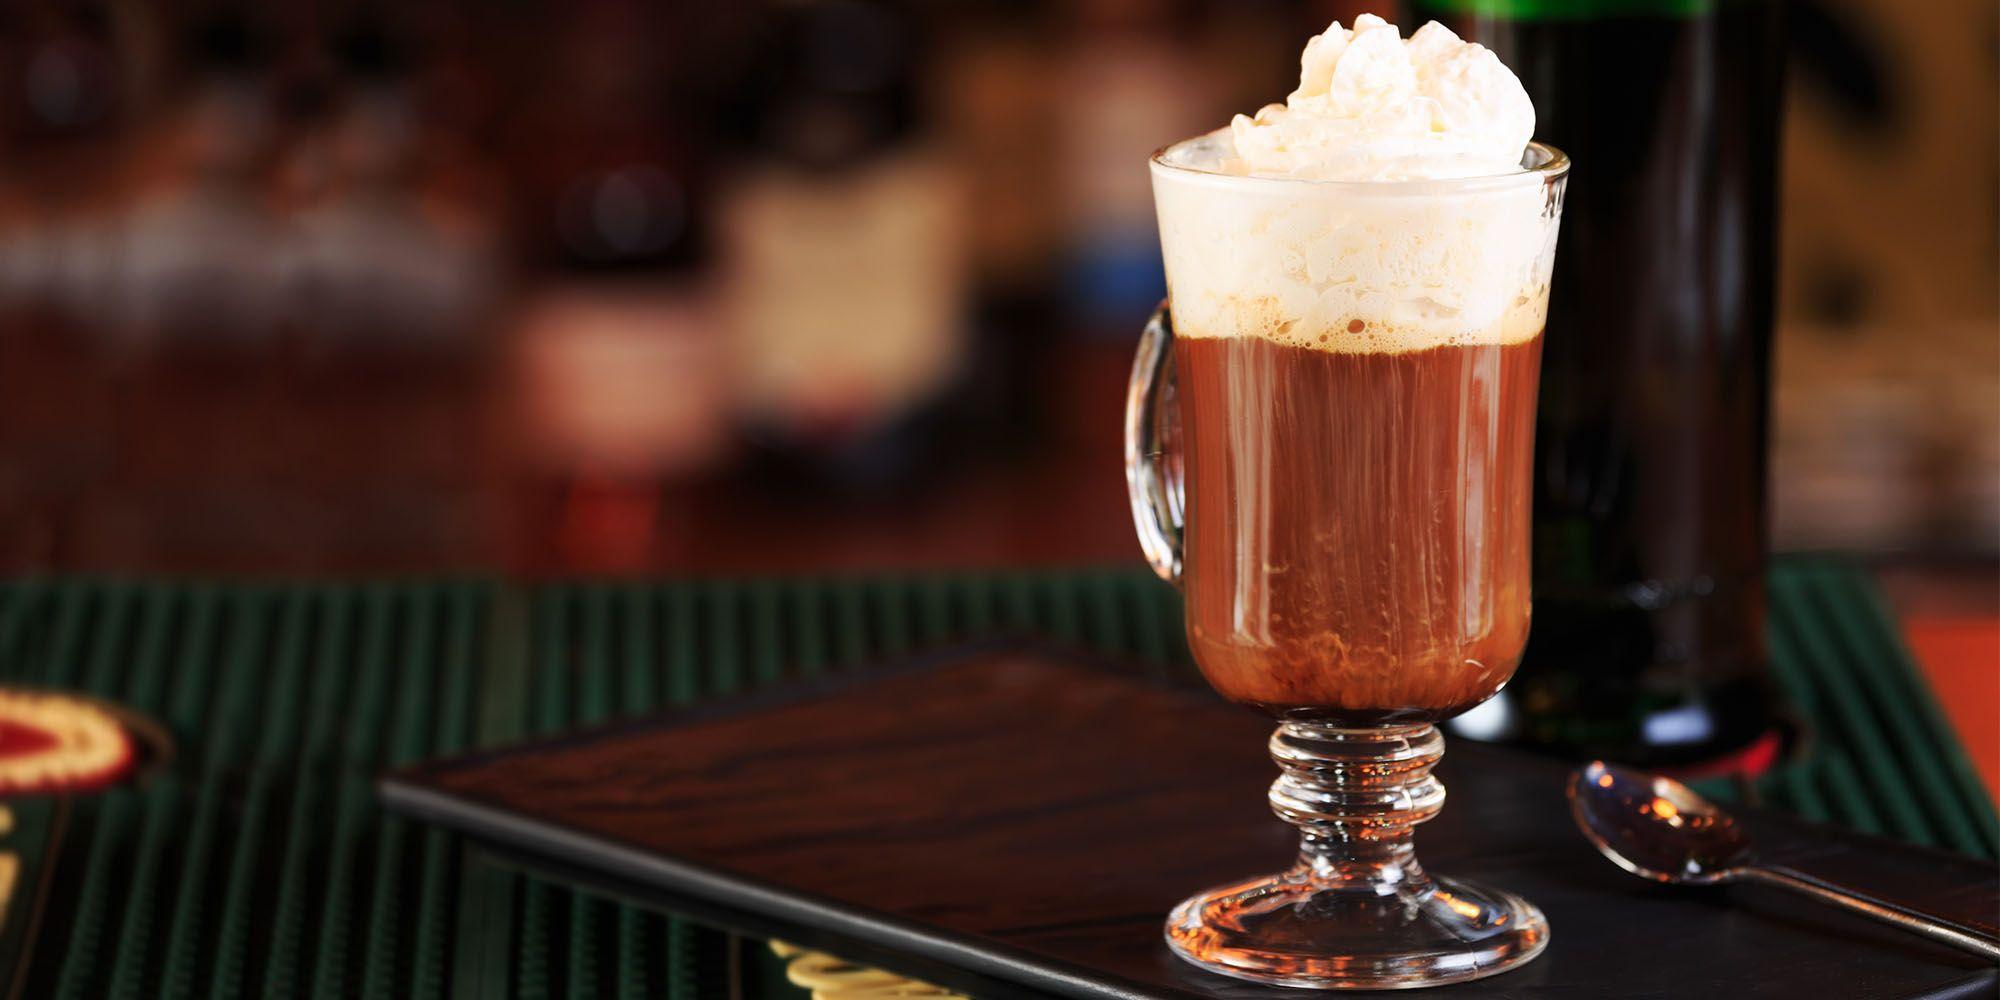 Black Book Cars >> Irish Coffee - Drink Recipe – How to Make the Perfect Irish Coffee